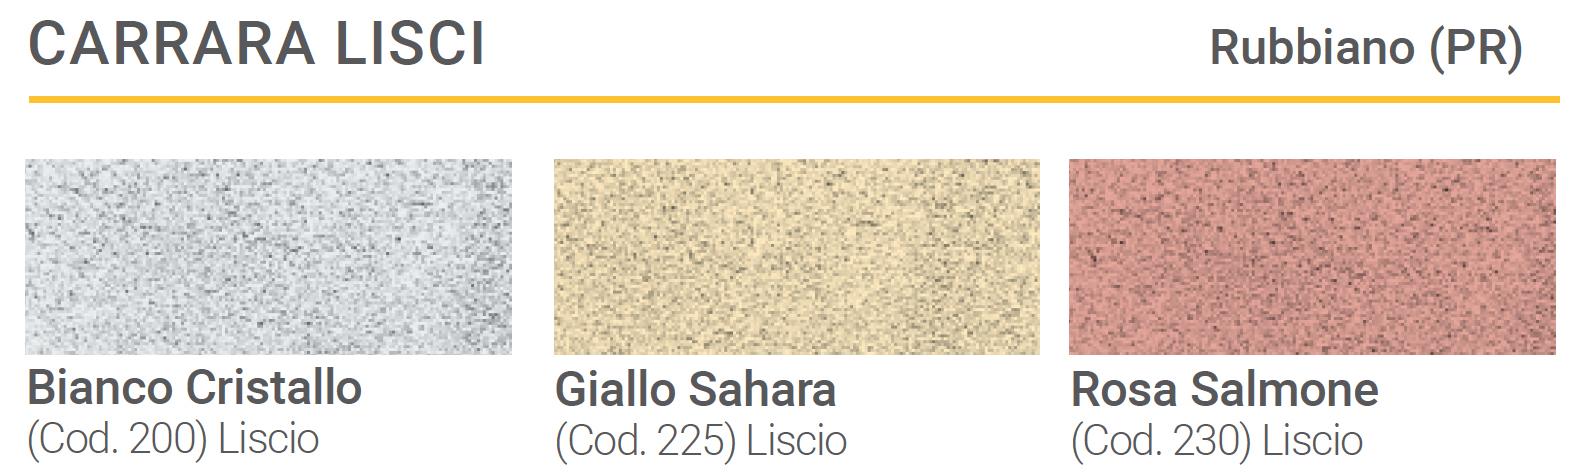 Carrara-blocco-architettonico